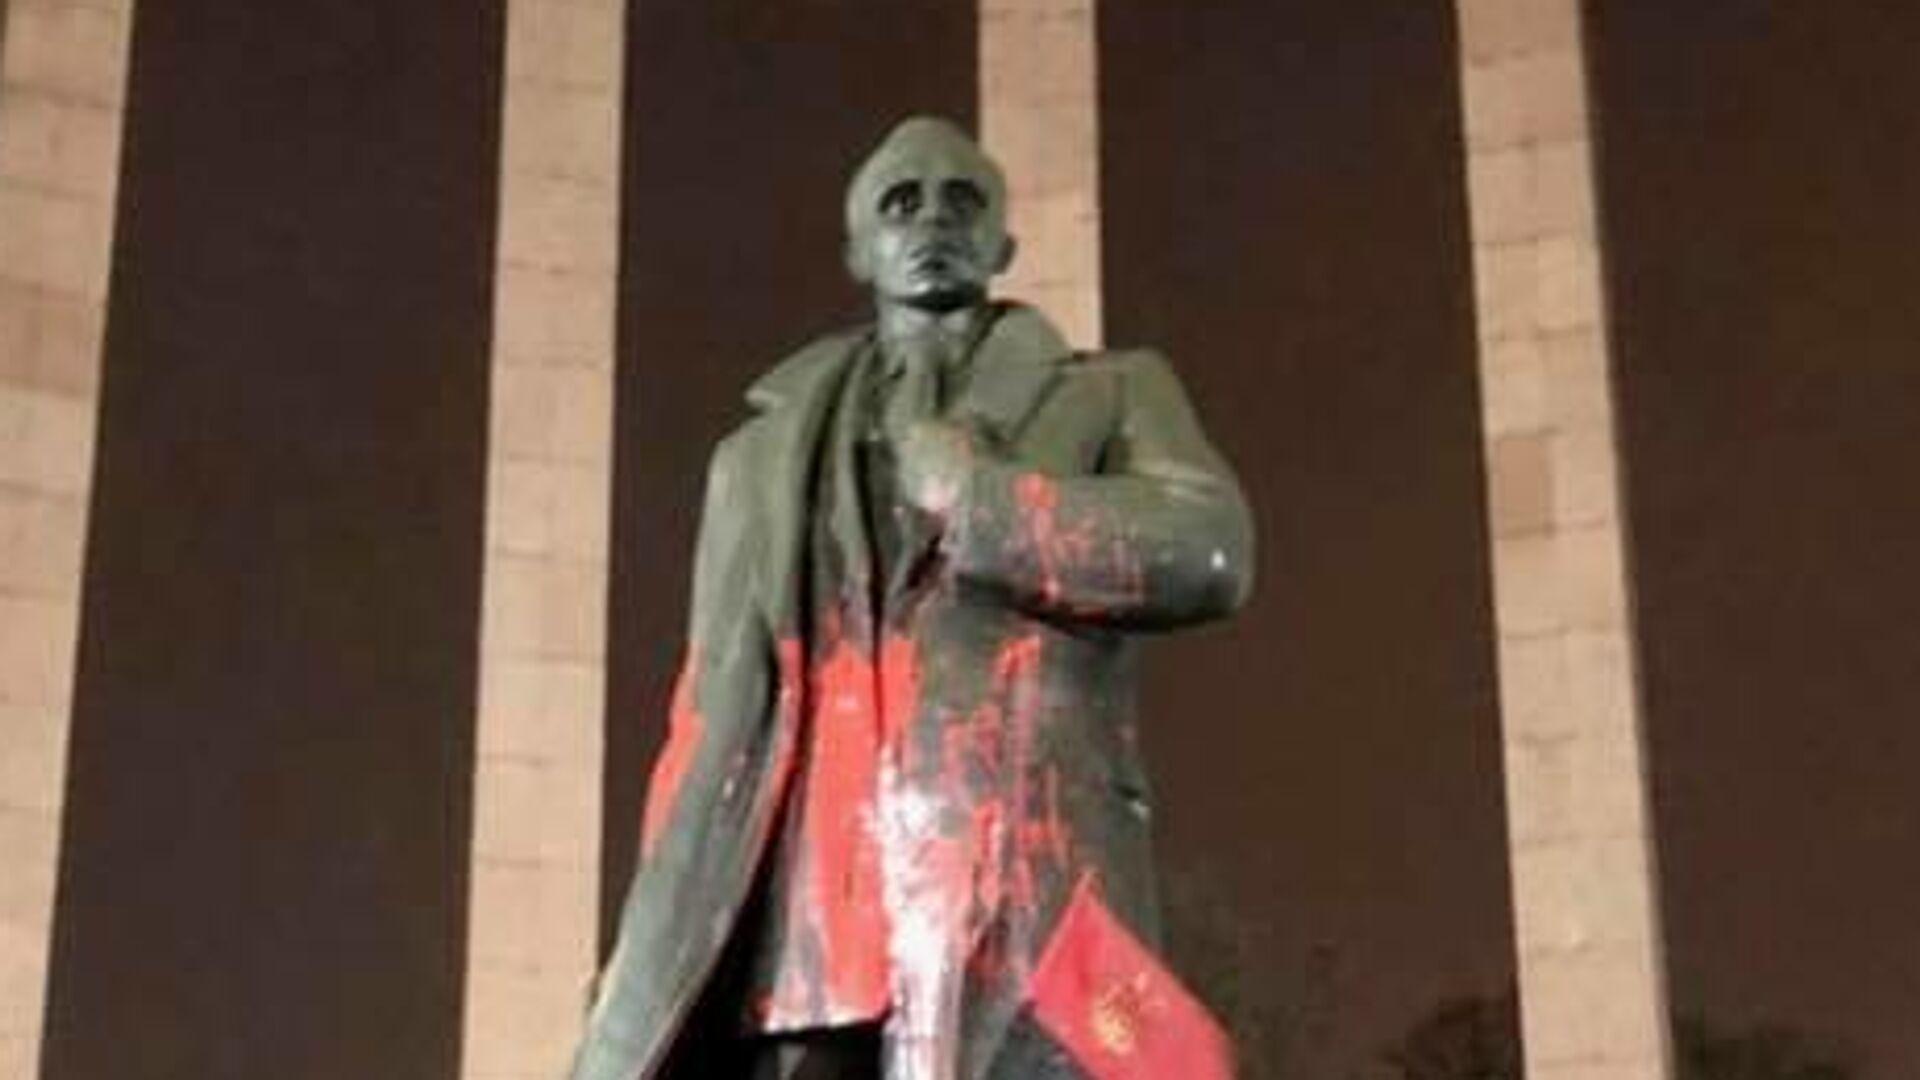 Памятник Бандере во Львове облили краской - РИА Новости, 1920, 11.02.2021